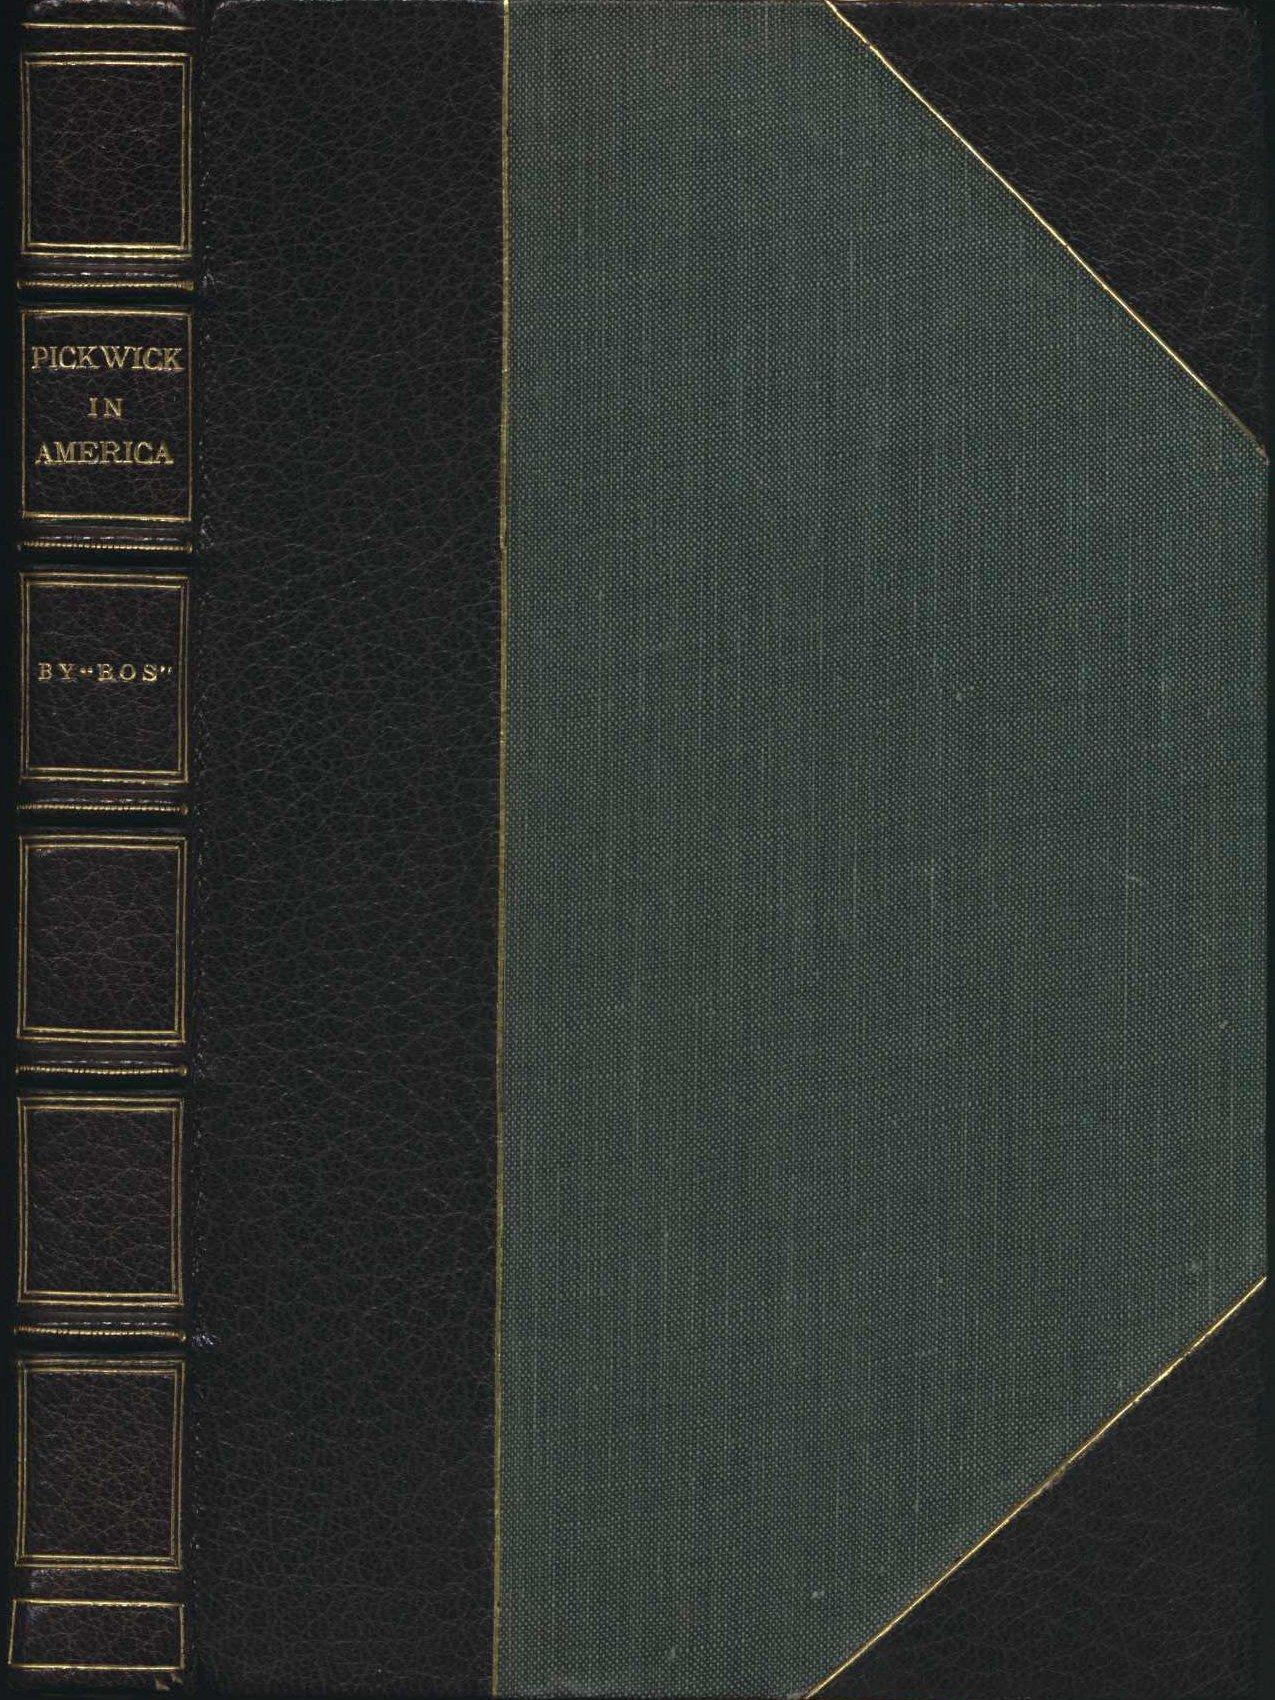 Bos. Pickwick in America. London: E. Lloyd, 1838.